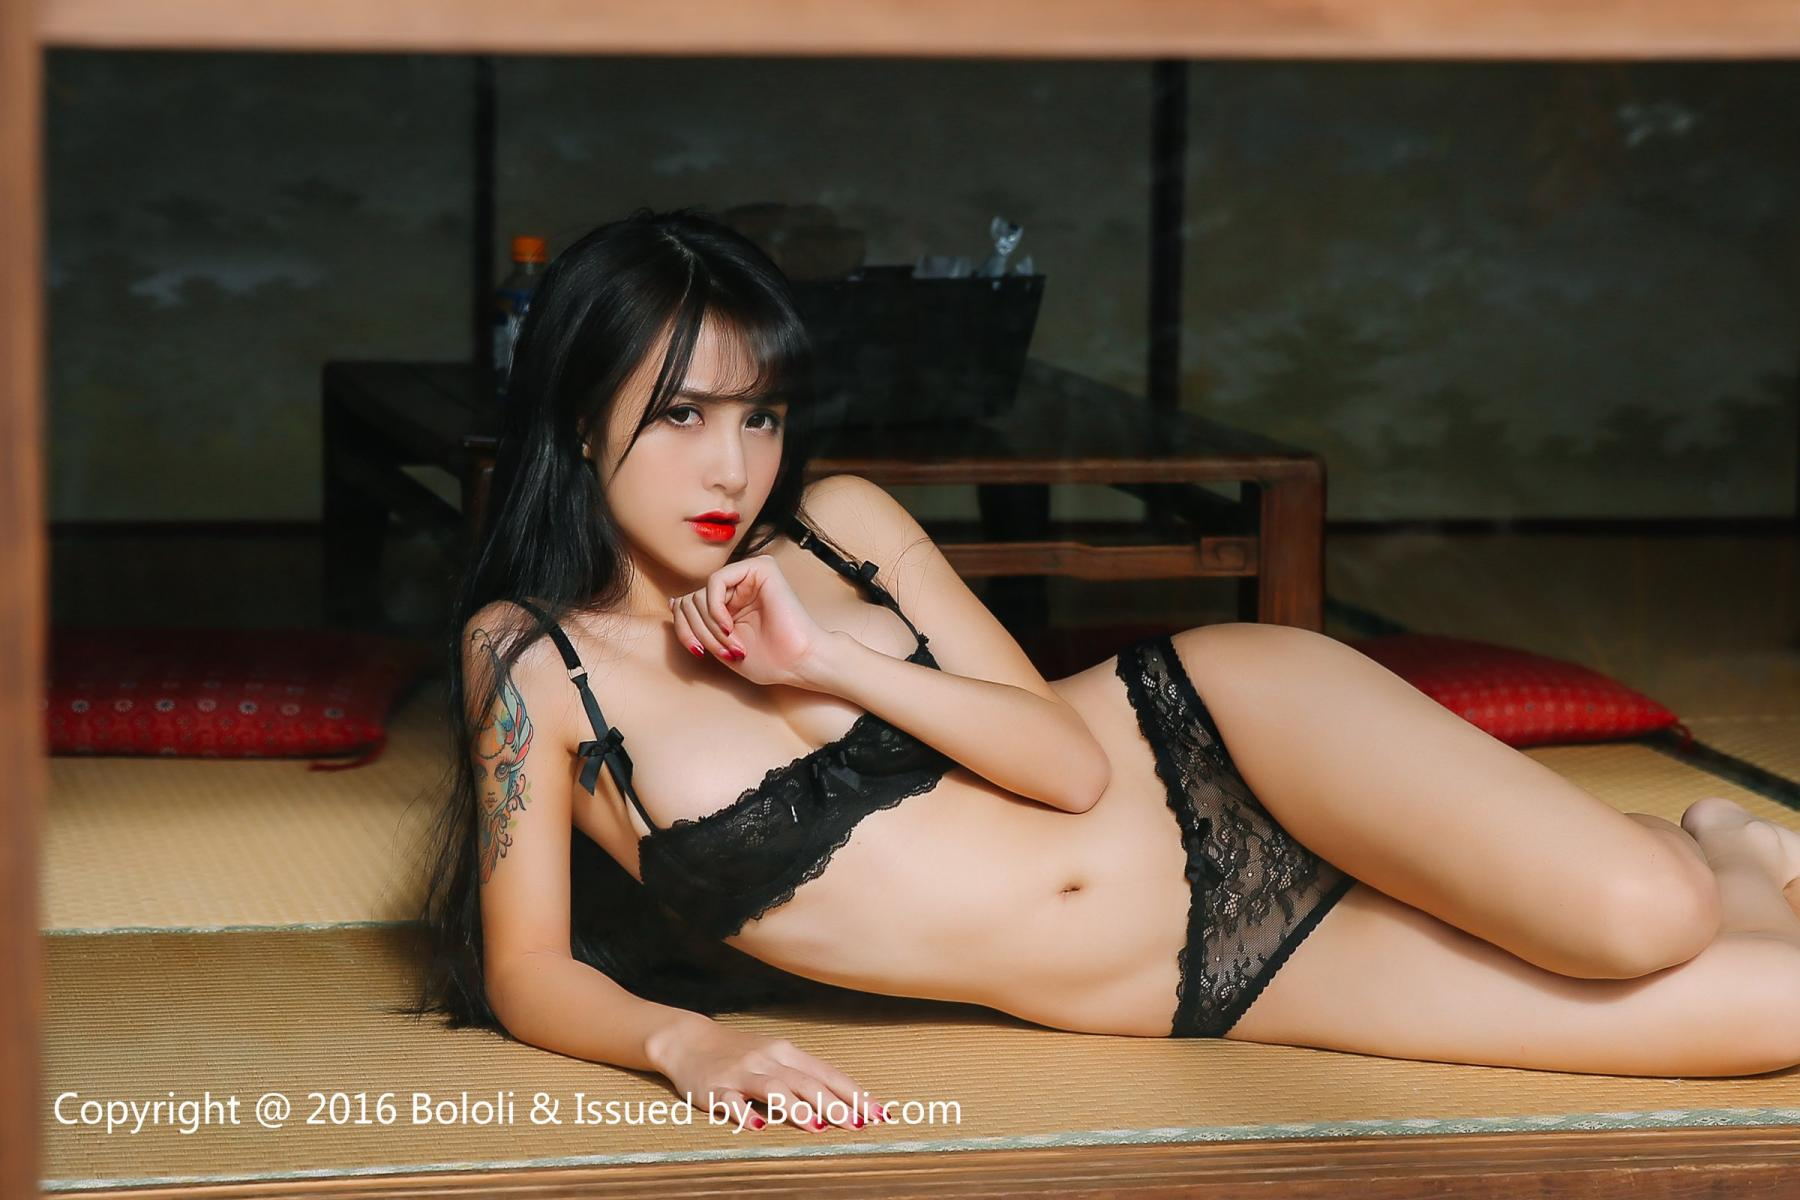 [Bololi] BOL.037 Xia Mei Jiang